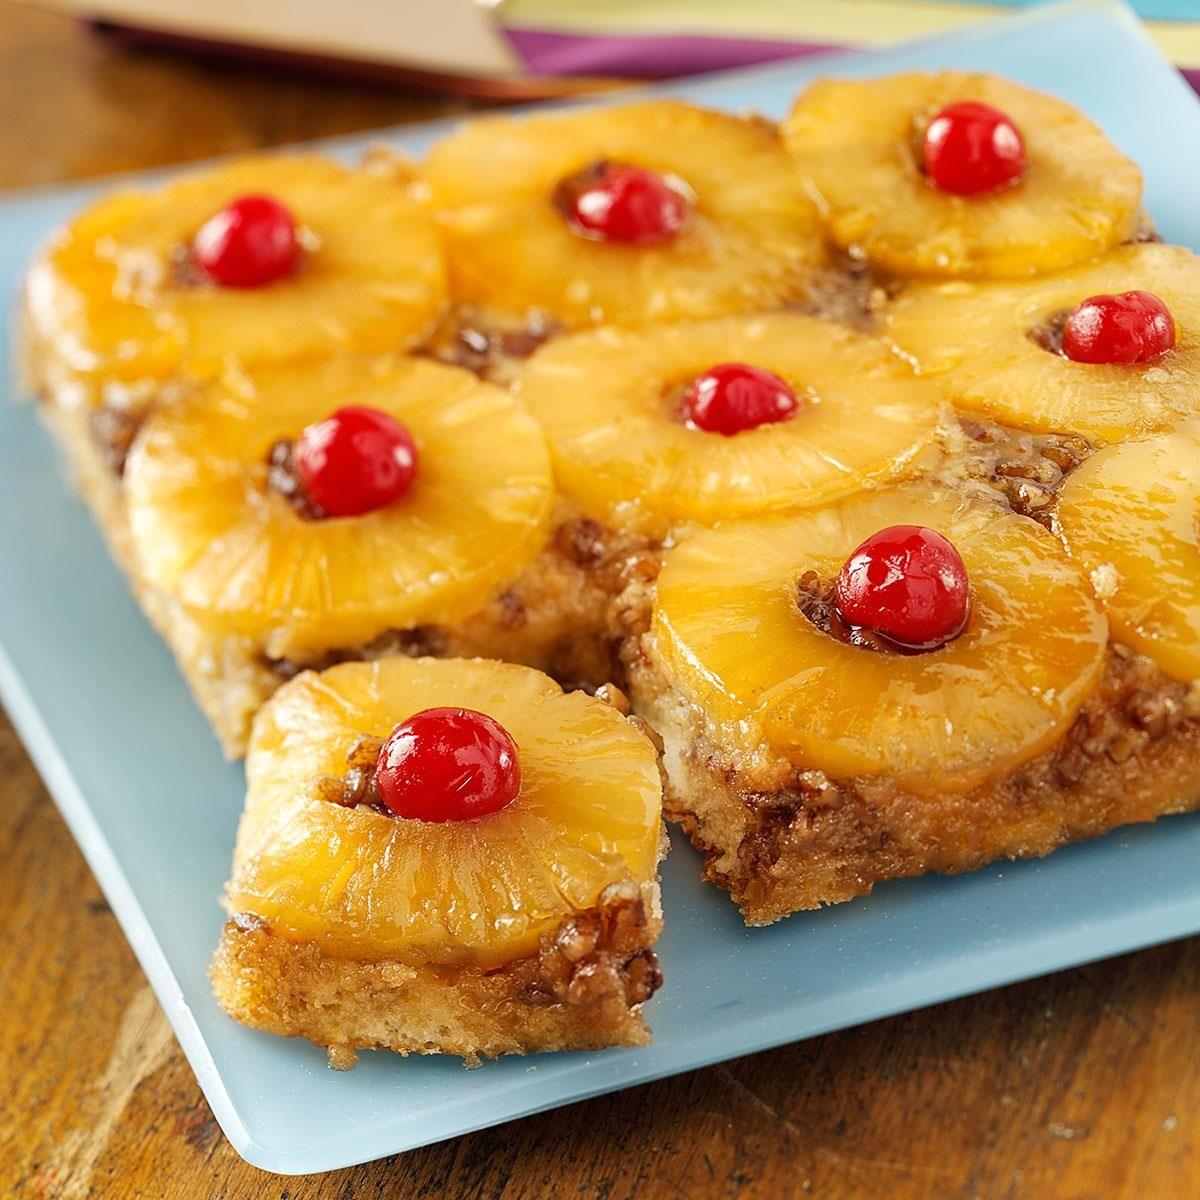 best pineapple upside down cake near me